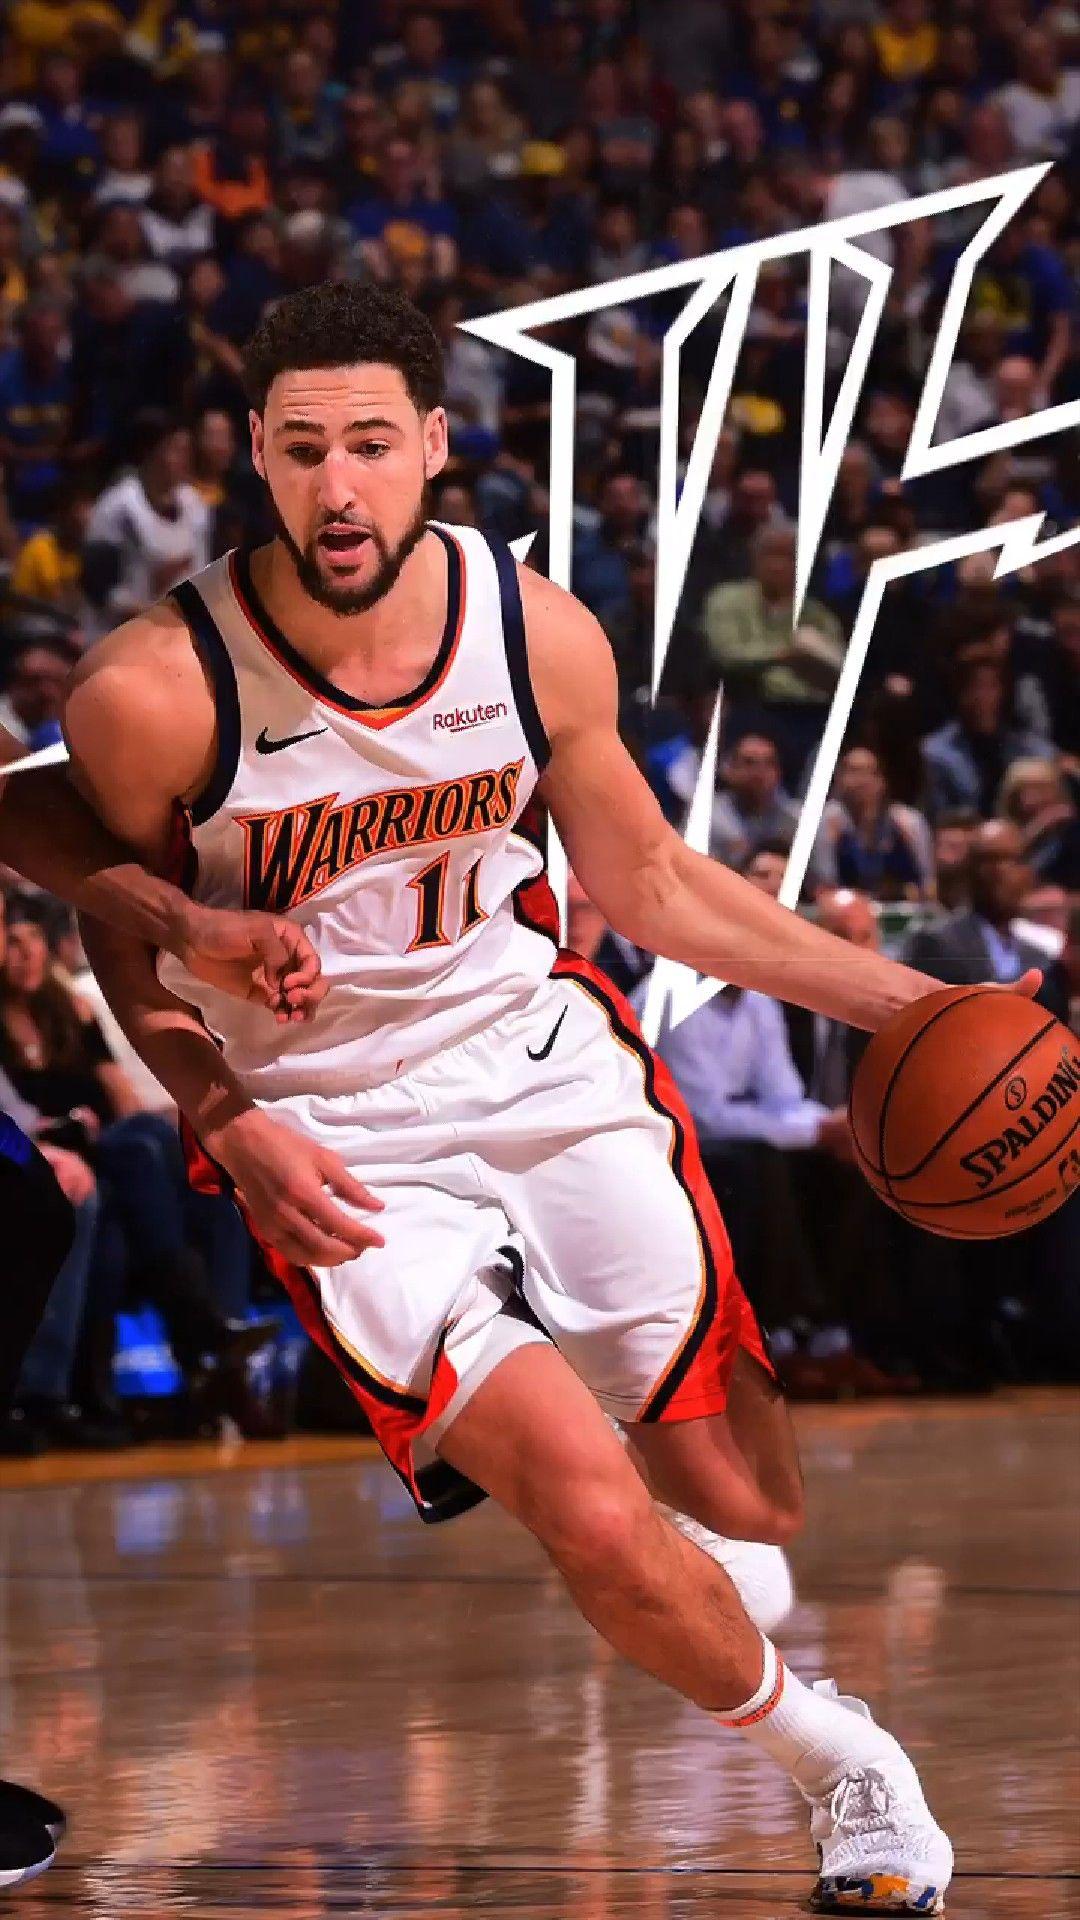 Klay Thompson Wallpaper Klay Thompson Klay Thompson Wallpaper Basketball Clothes